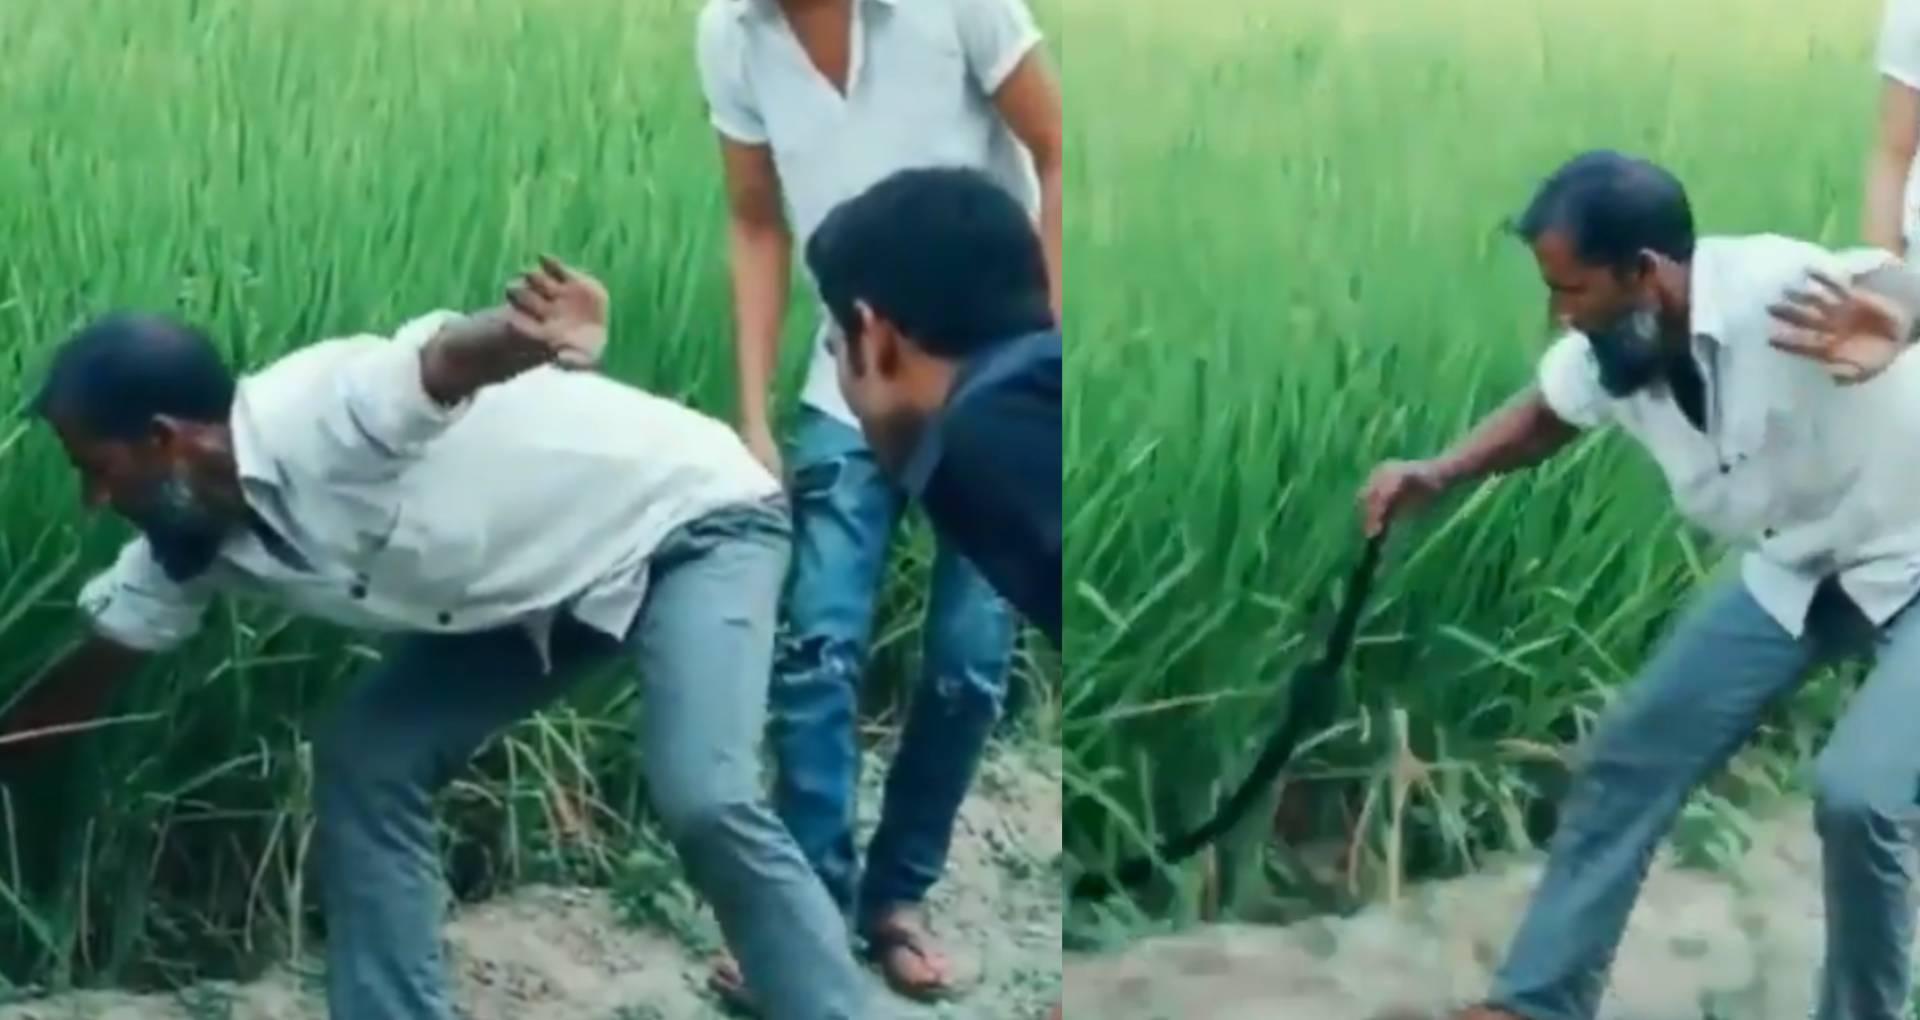 Viral Video: इस अंदाज में सांप पकड़ रहा है ये शख्स, आखिरी में किया ये काम, तो निकल पड़ी लोगों की हंसी